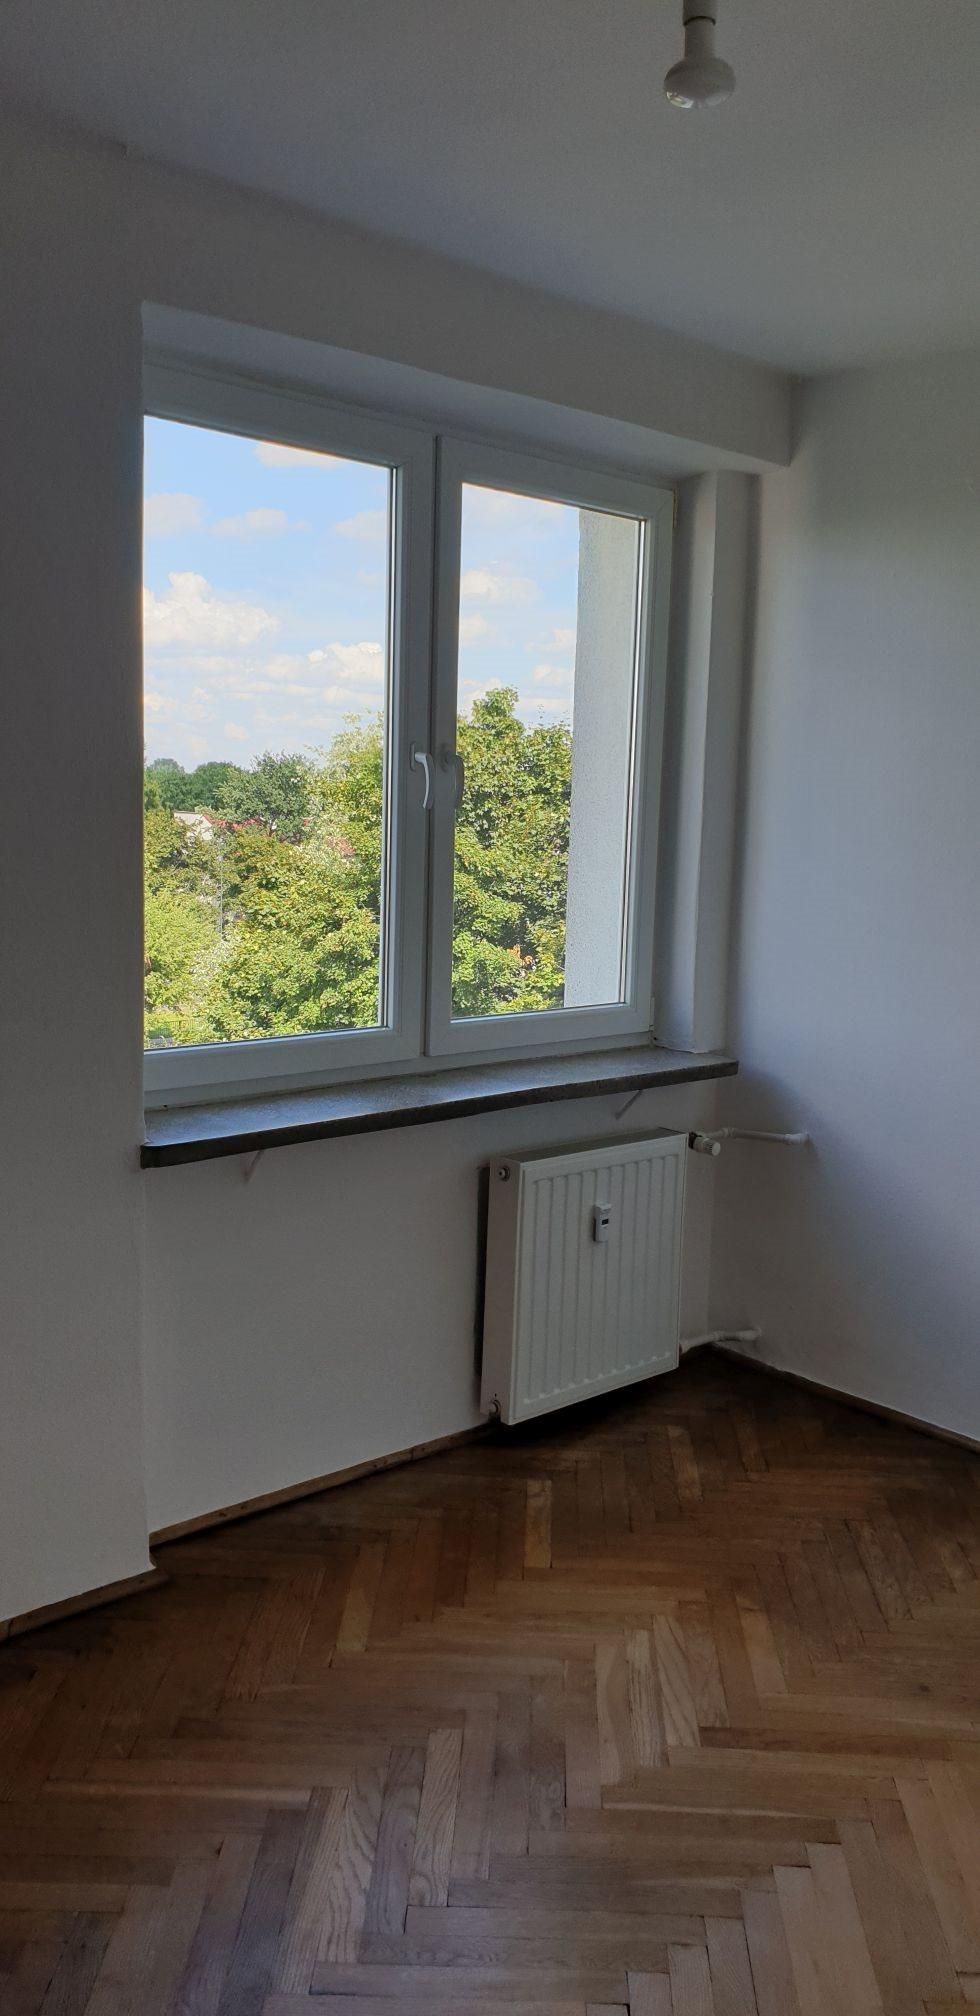 Mieszkanie trzypokojowe na sprzedaż Warszawa, Praga-Południe, Grochów, Garwolińska  48m2 Foto 3